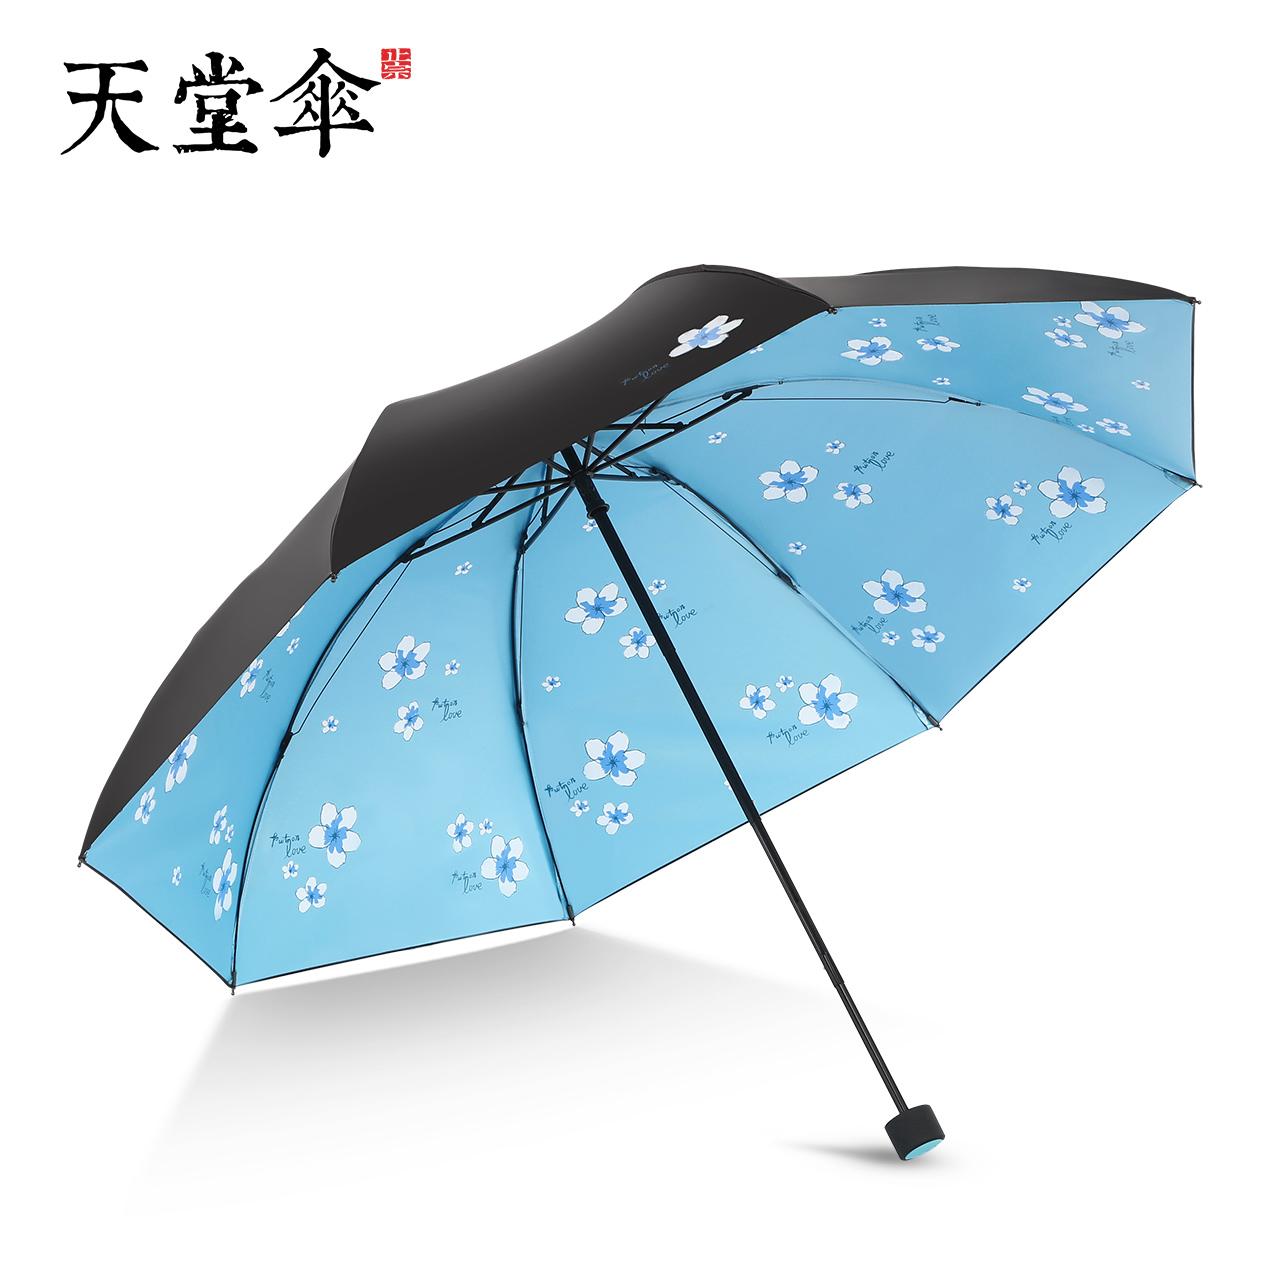 天堂伞防晒遮阳雨伞